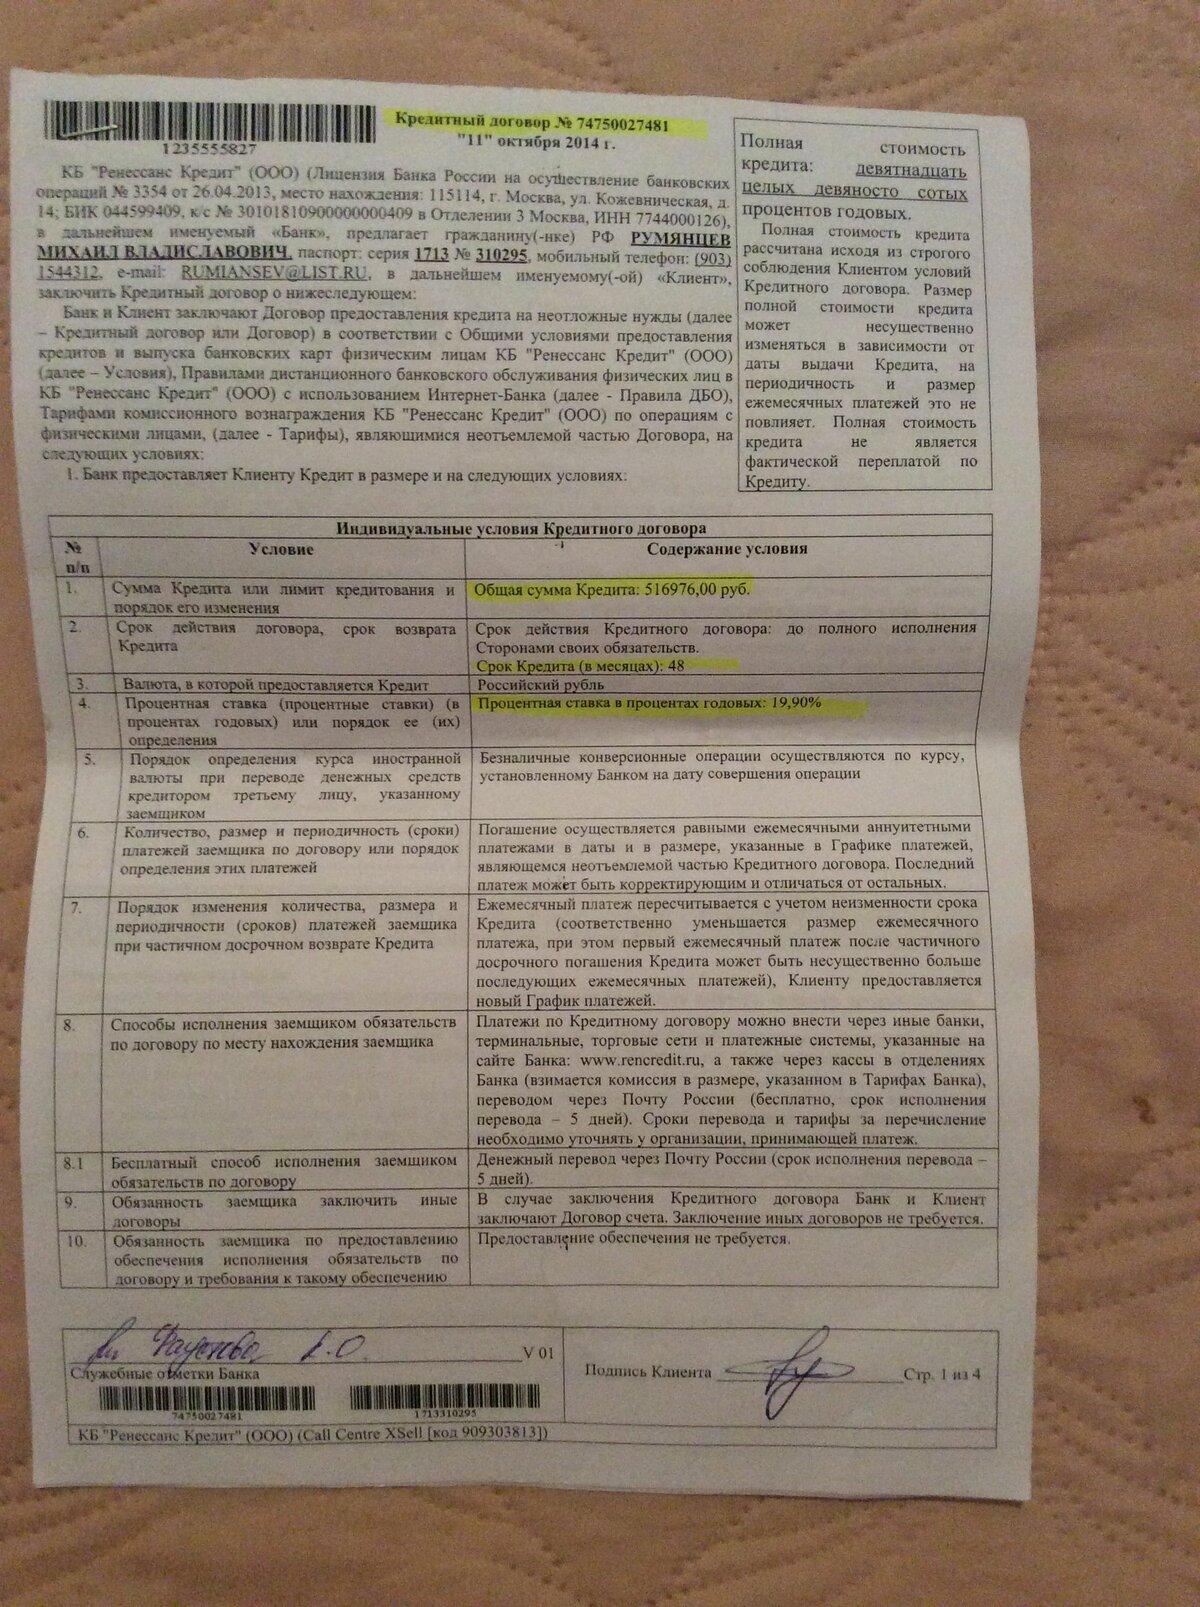 кредитный договор банка москвы